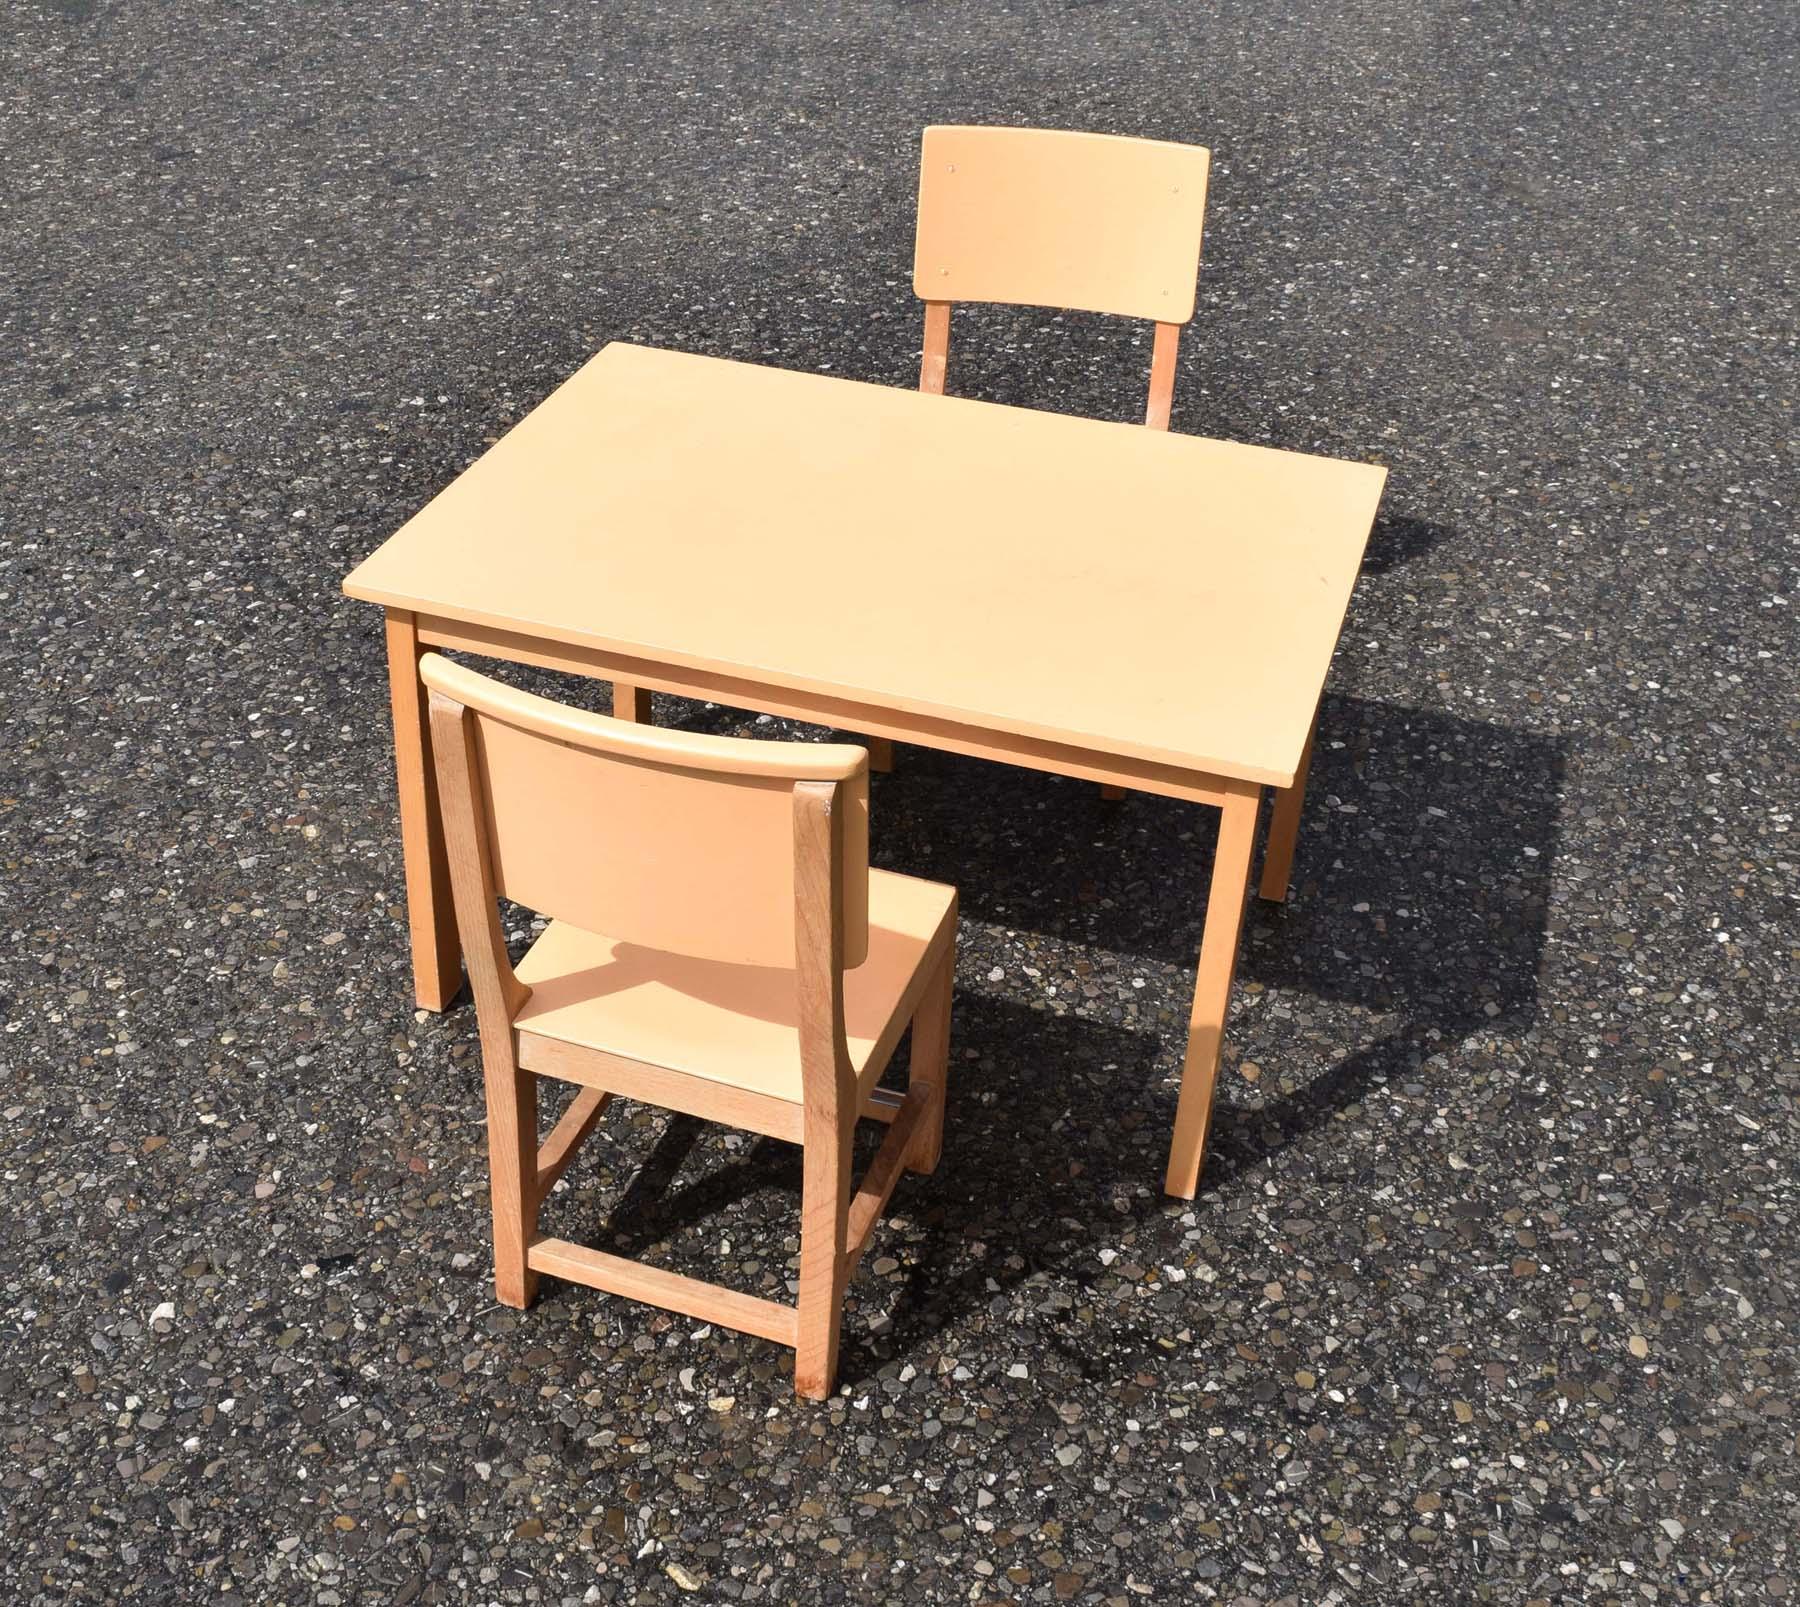 mobilier vintage pour enfants: chaises tables coffres à jouets